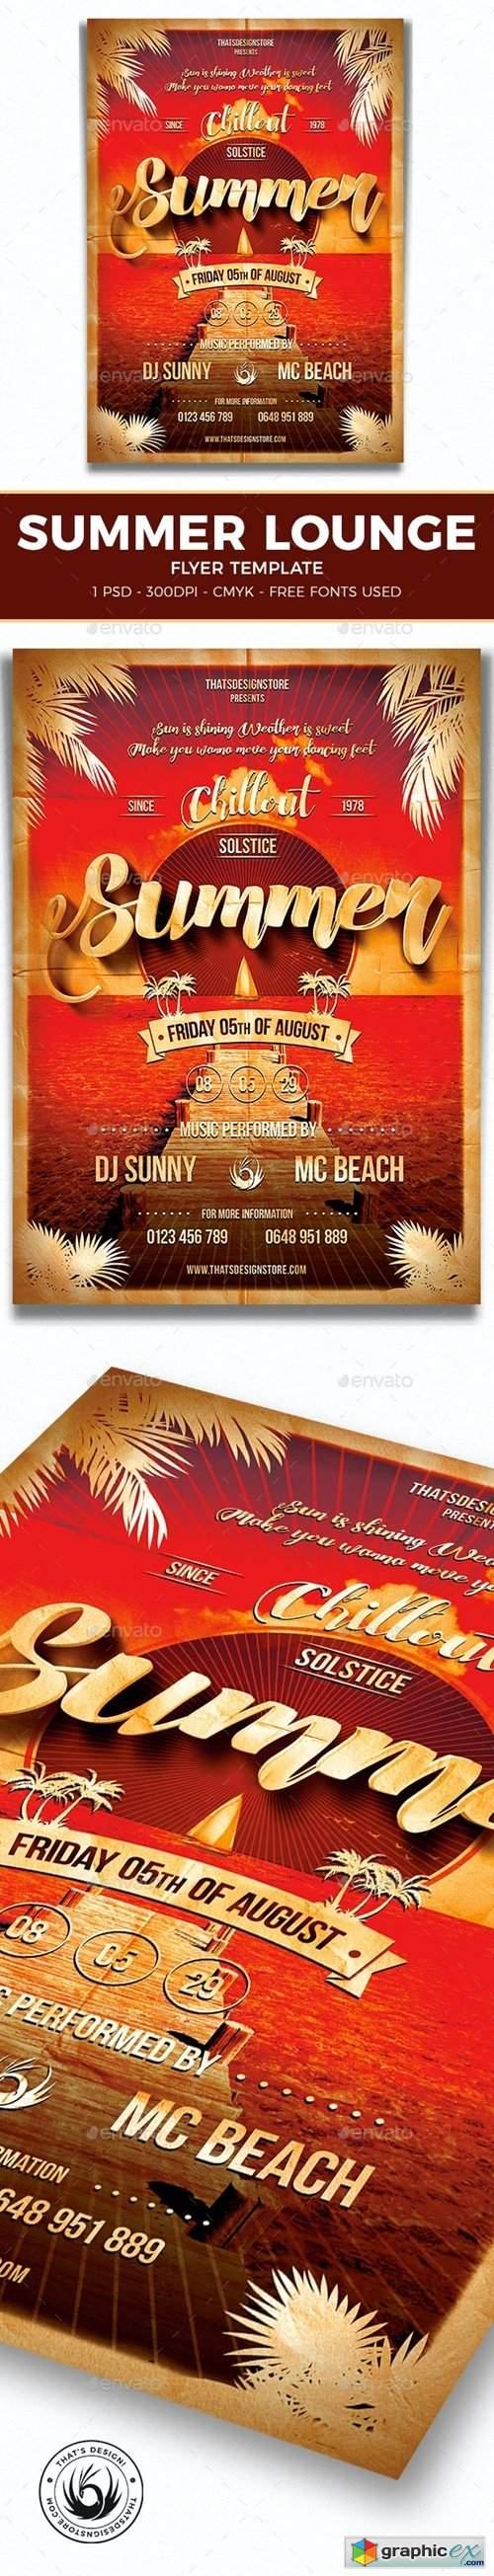 Summer Lounge Flyer Template V1 7972361